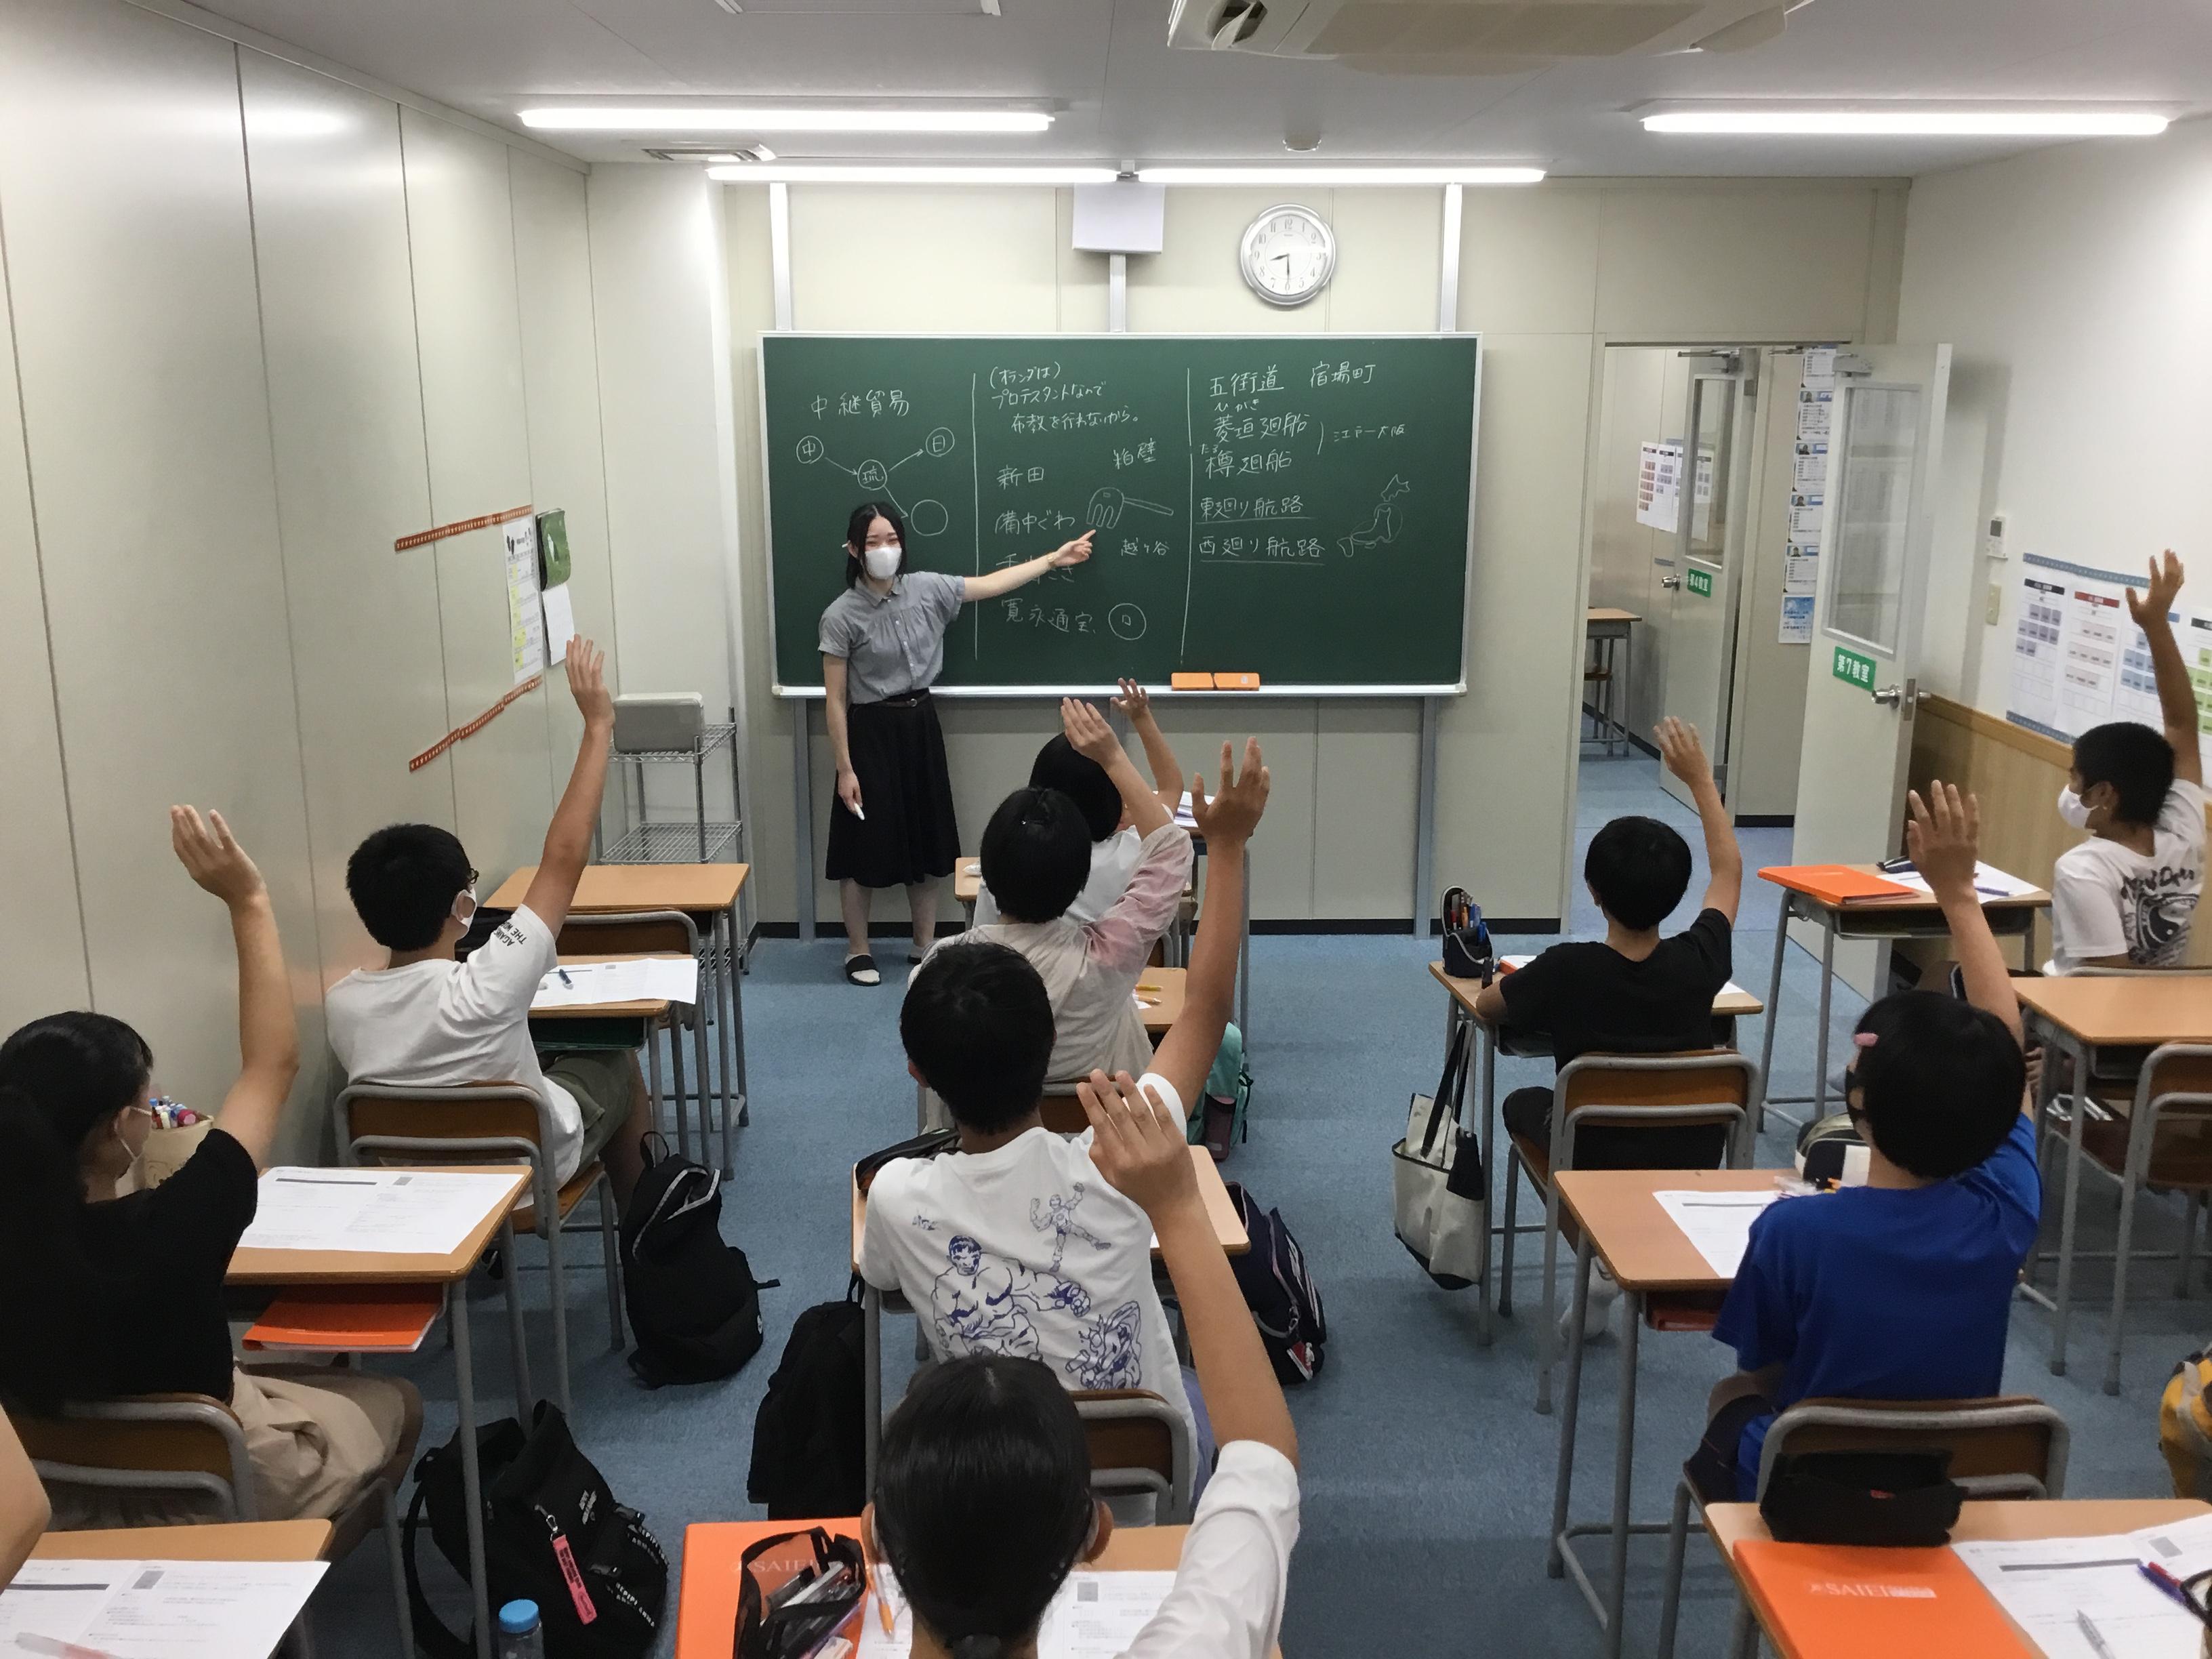 サイエイの授業では「知識を伝える」だけにとどまらず、「主体的に学ぶ姿勢」を育てます